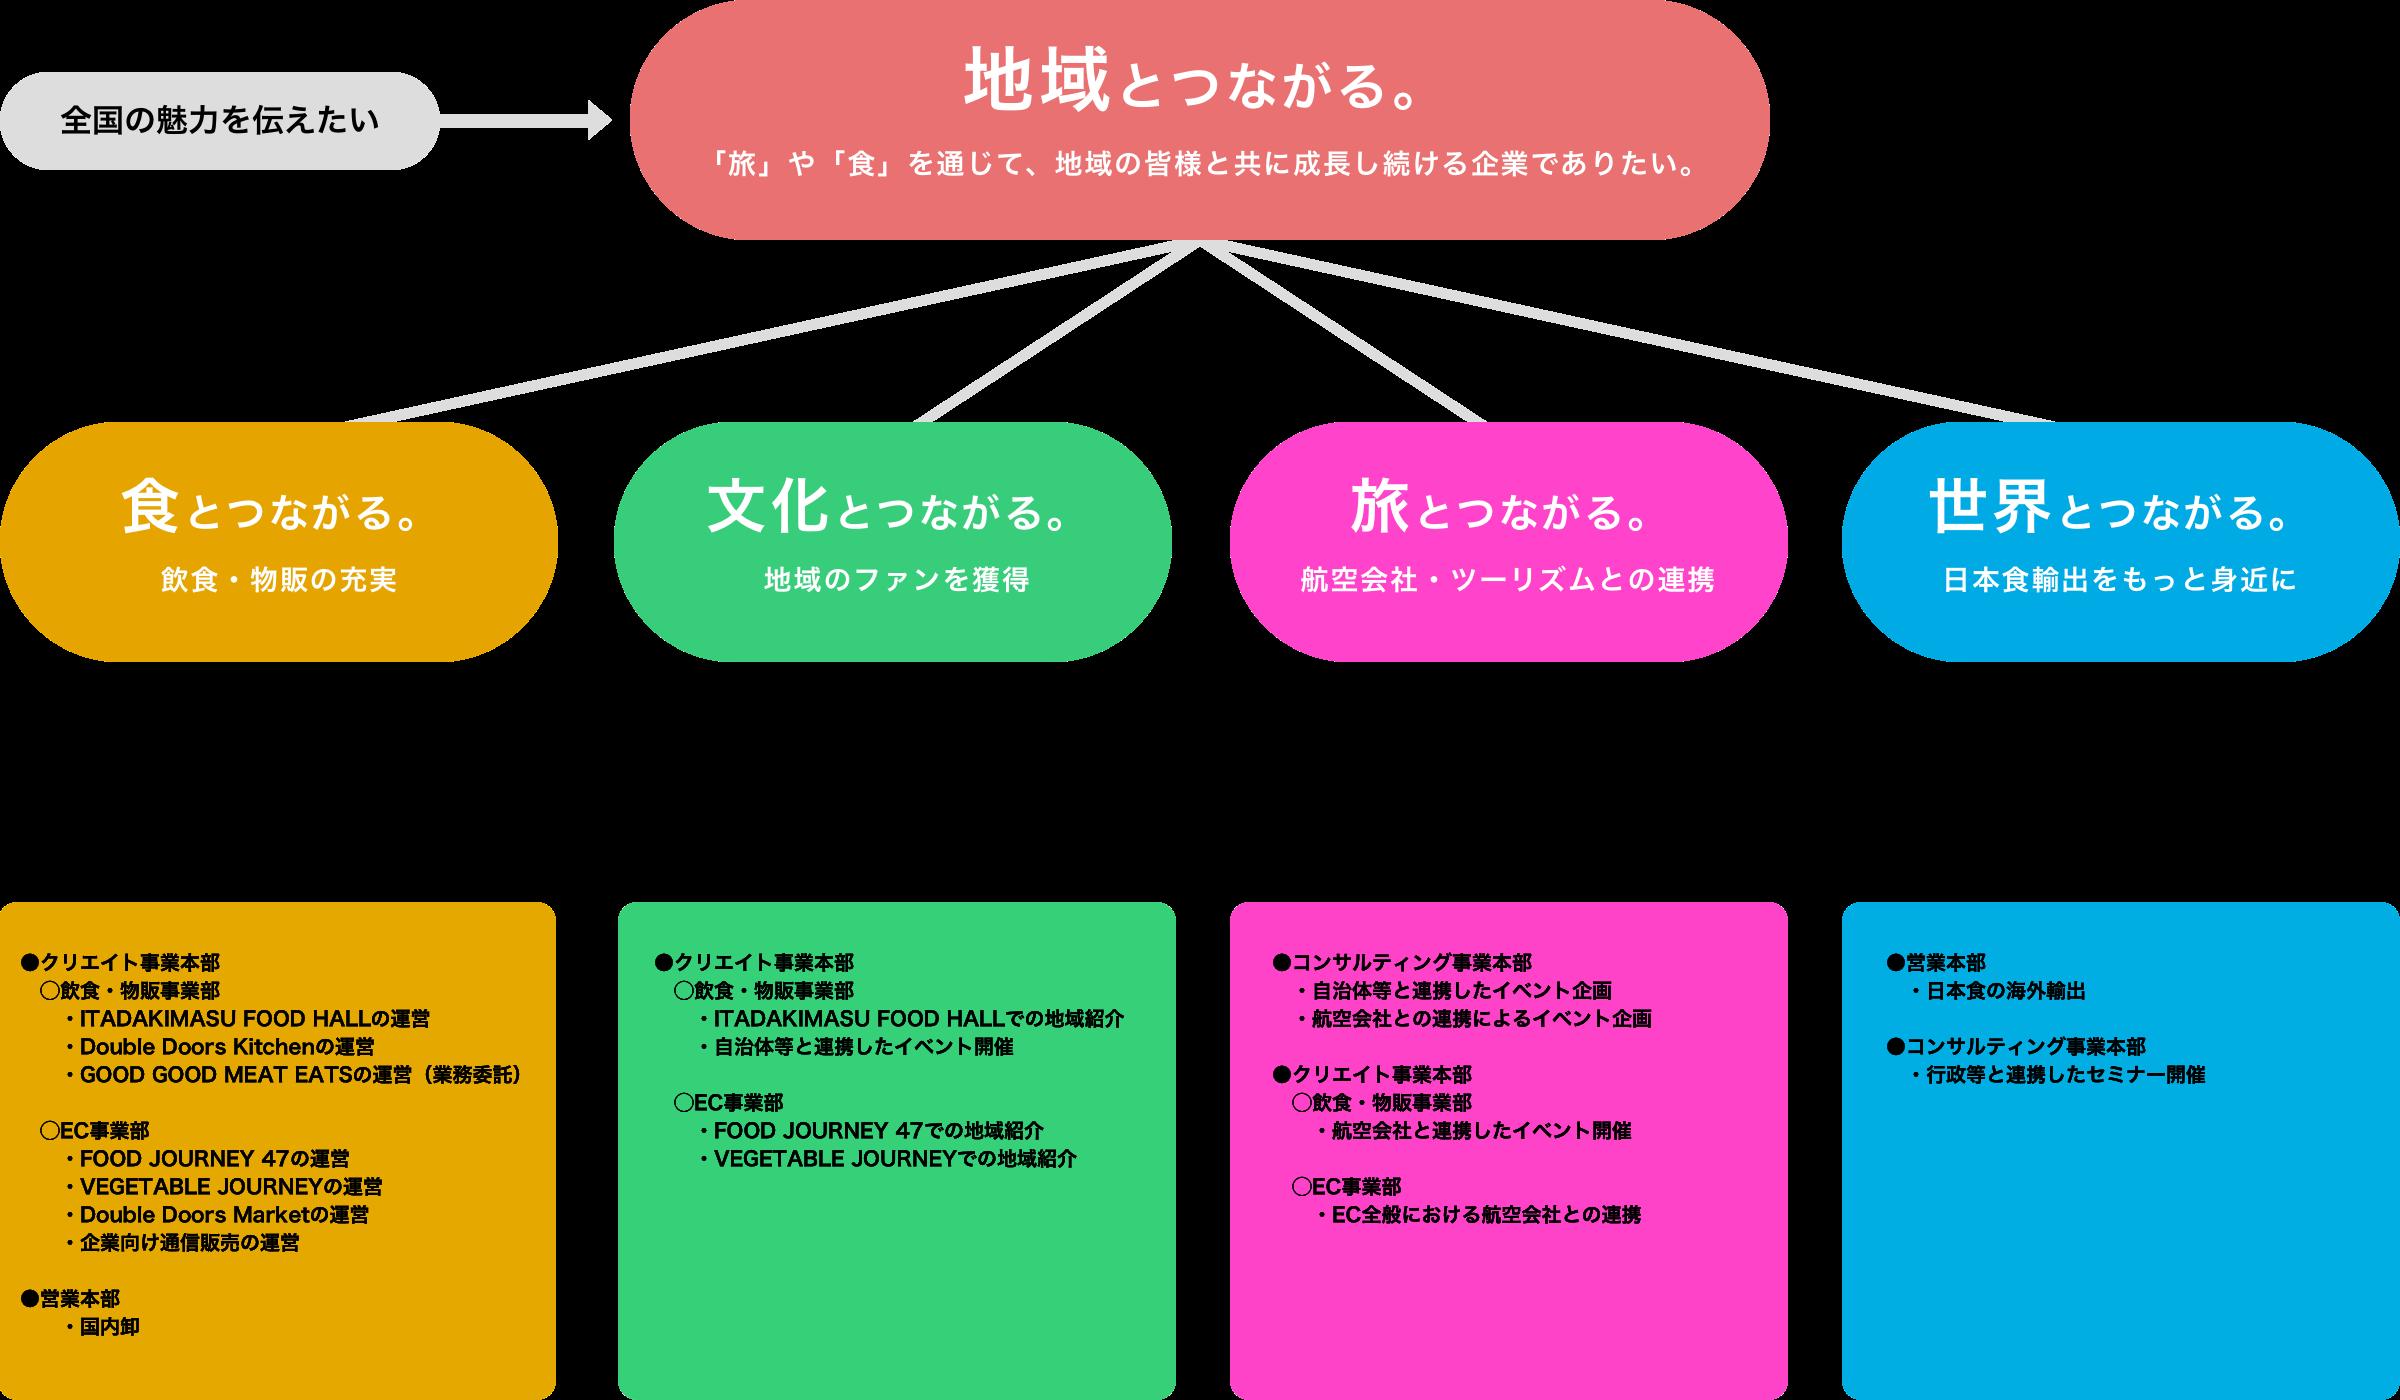 事業構成図